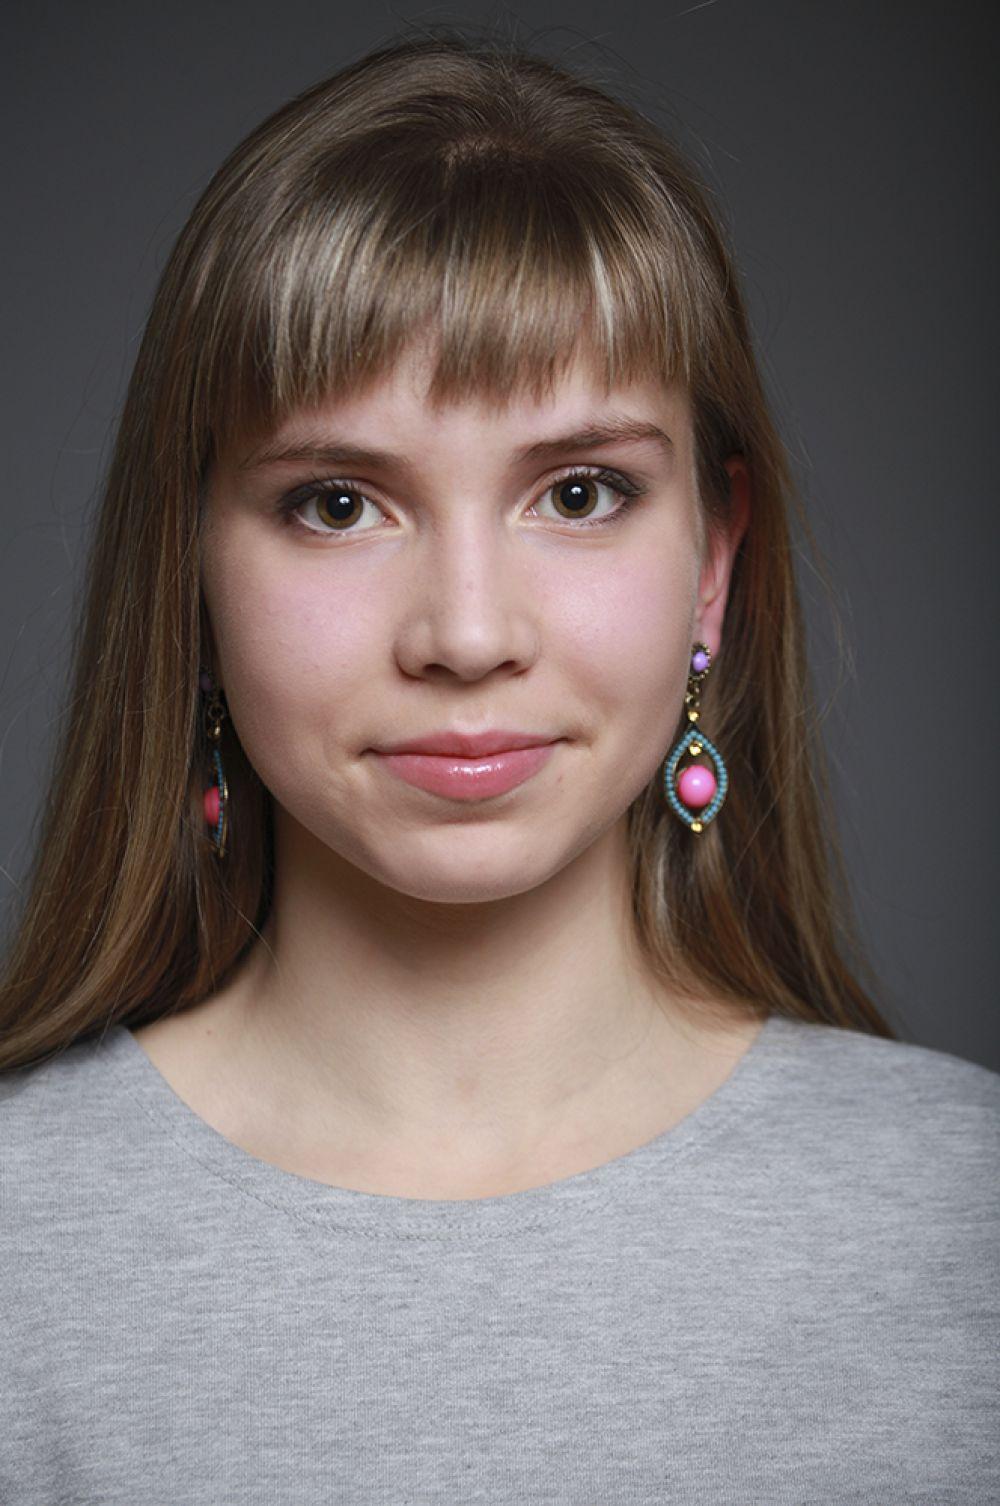 Анастасия Ванеева, 15 лет, 26-ой конкурс красоты и талантов «Мисс Вятка-2016».